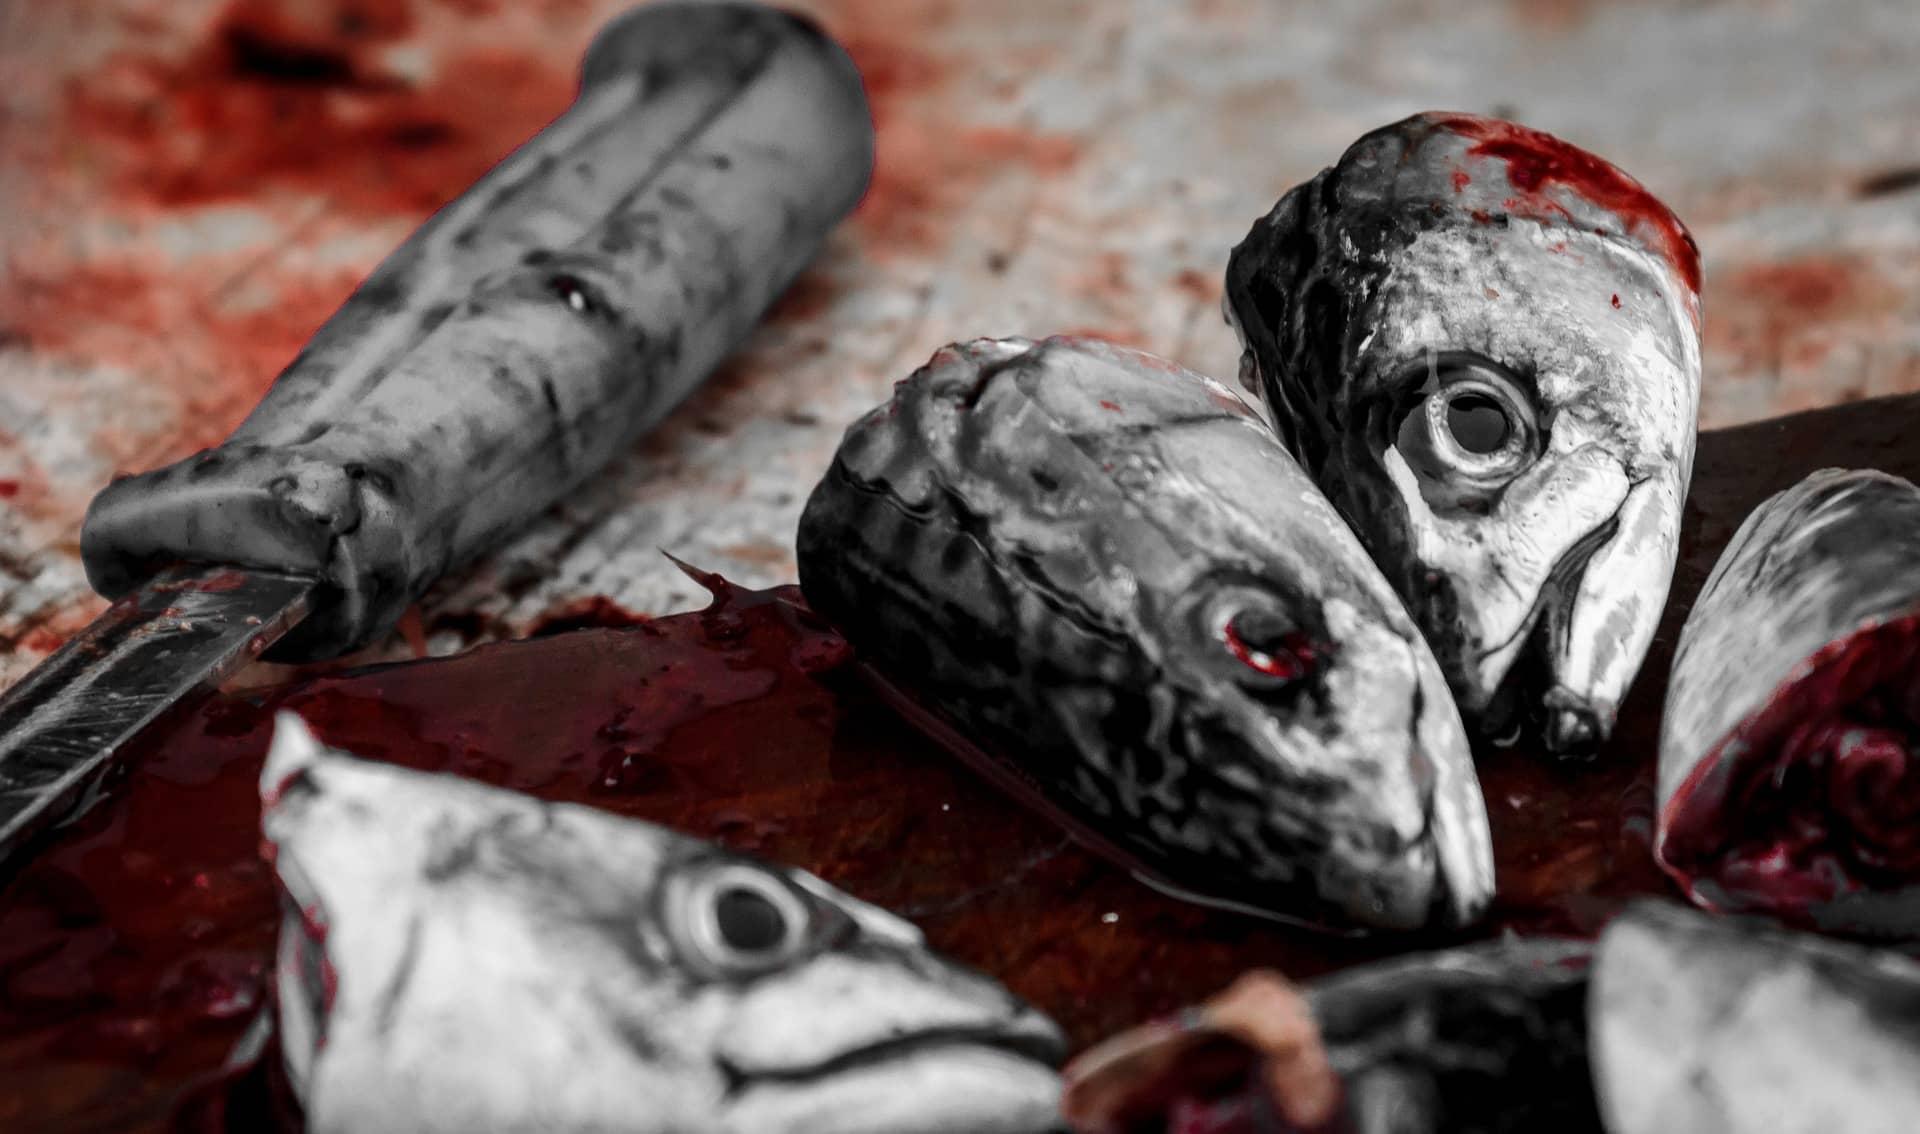 Raspa y cabeza pescado